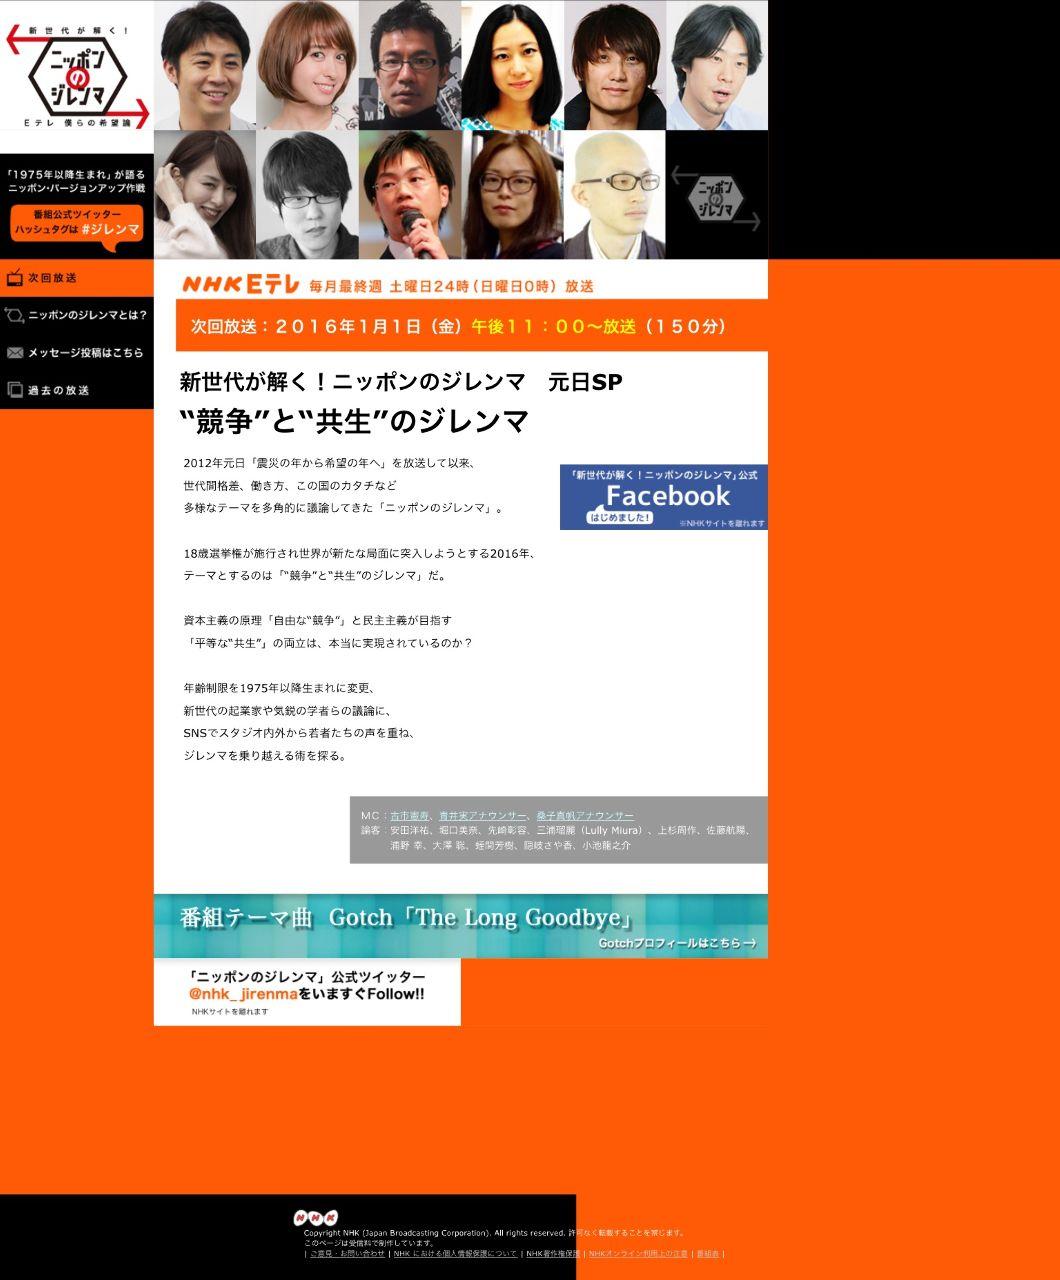 6172 - (株)メタップス 岡三のレポートは口座が無いと見れないのです 500の方に載ってた袋とじは見てない。。。  NHKはこ